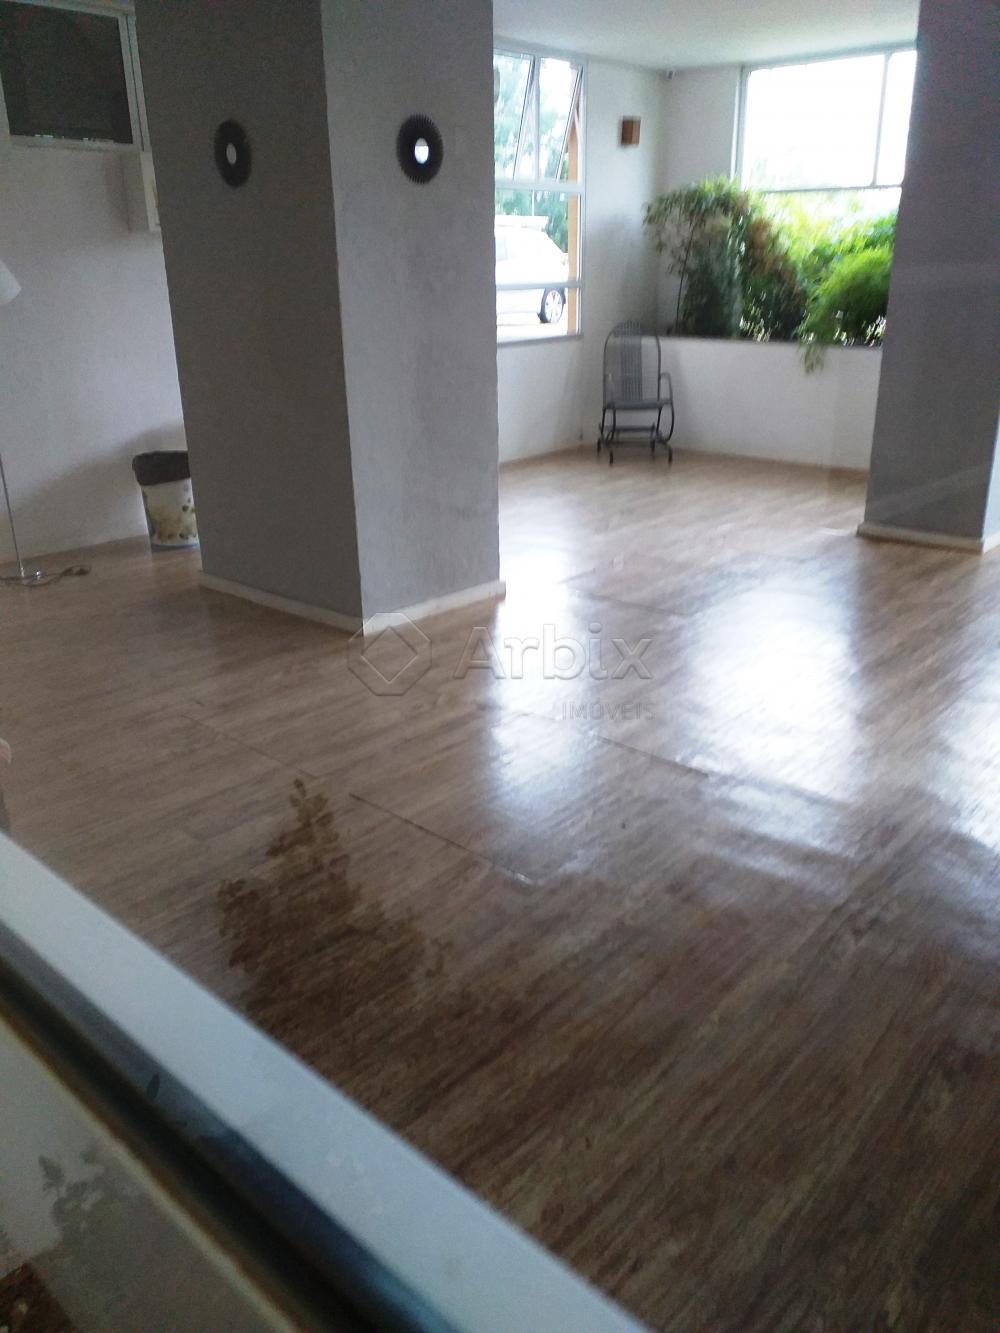 Comprar Apartamento / Padrão em Americana apenas R$ 324.000,00 - Foto 21